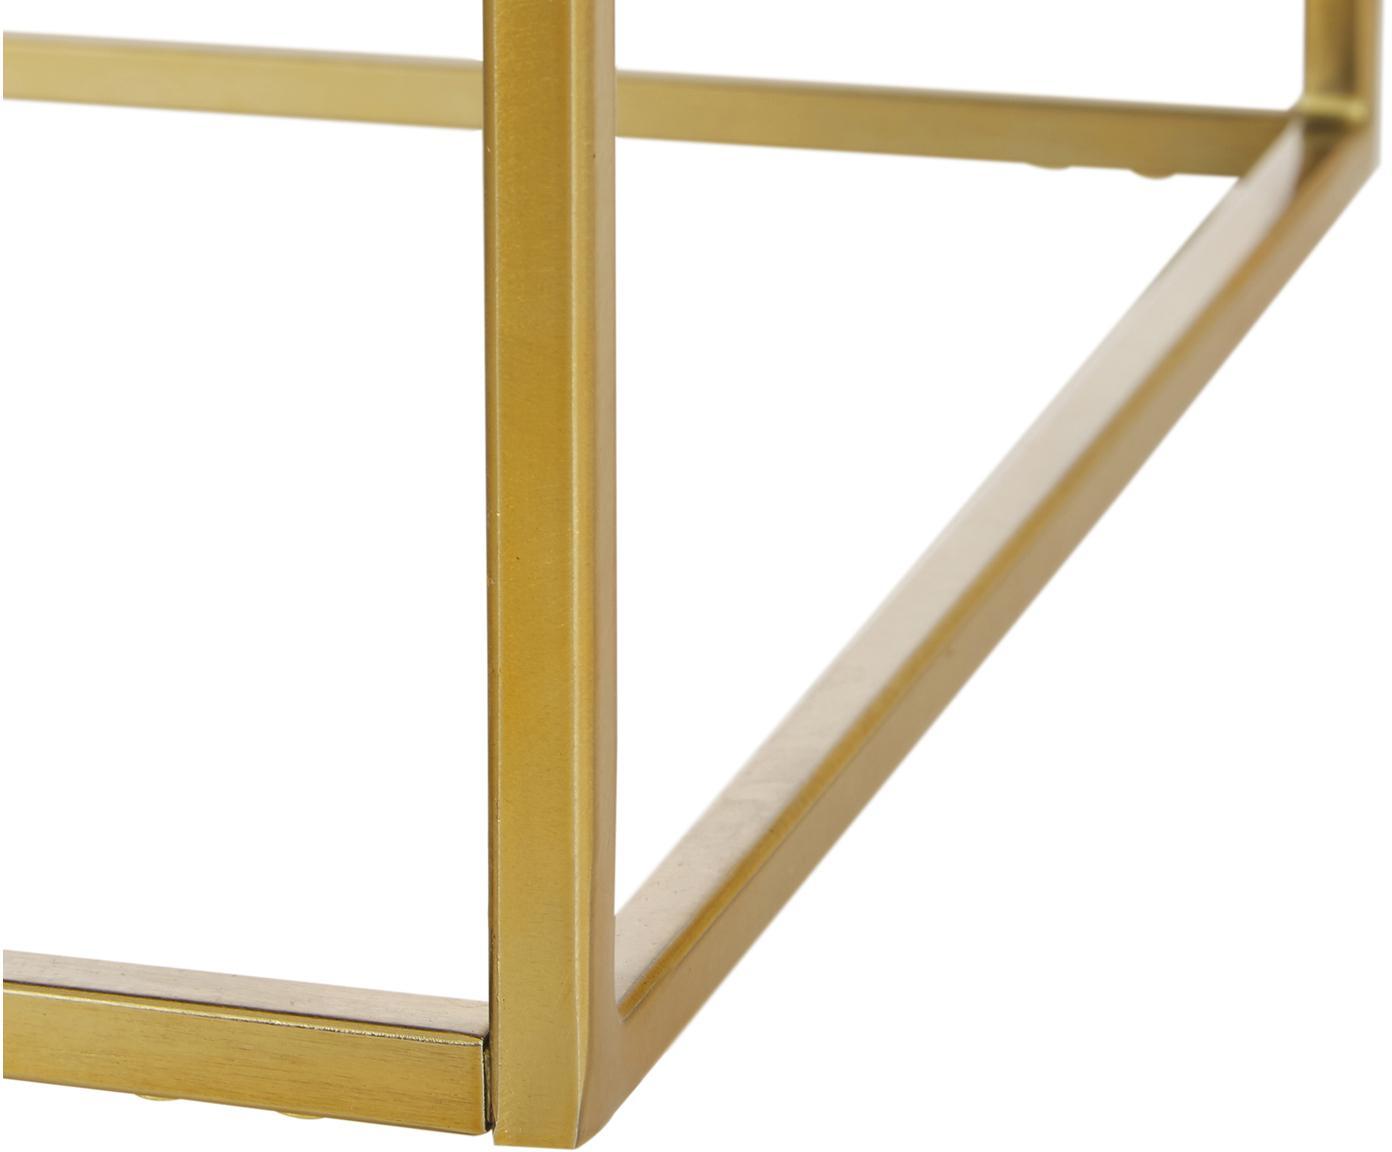 Stolik pomocniczy z marmuru Alys, Blat: marmur, Stelaż: metal malowany proszkowo, Blat: zielony marmur Stelaż: odcienie złotego, błyszczący, S 45 x W 50 cm